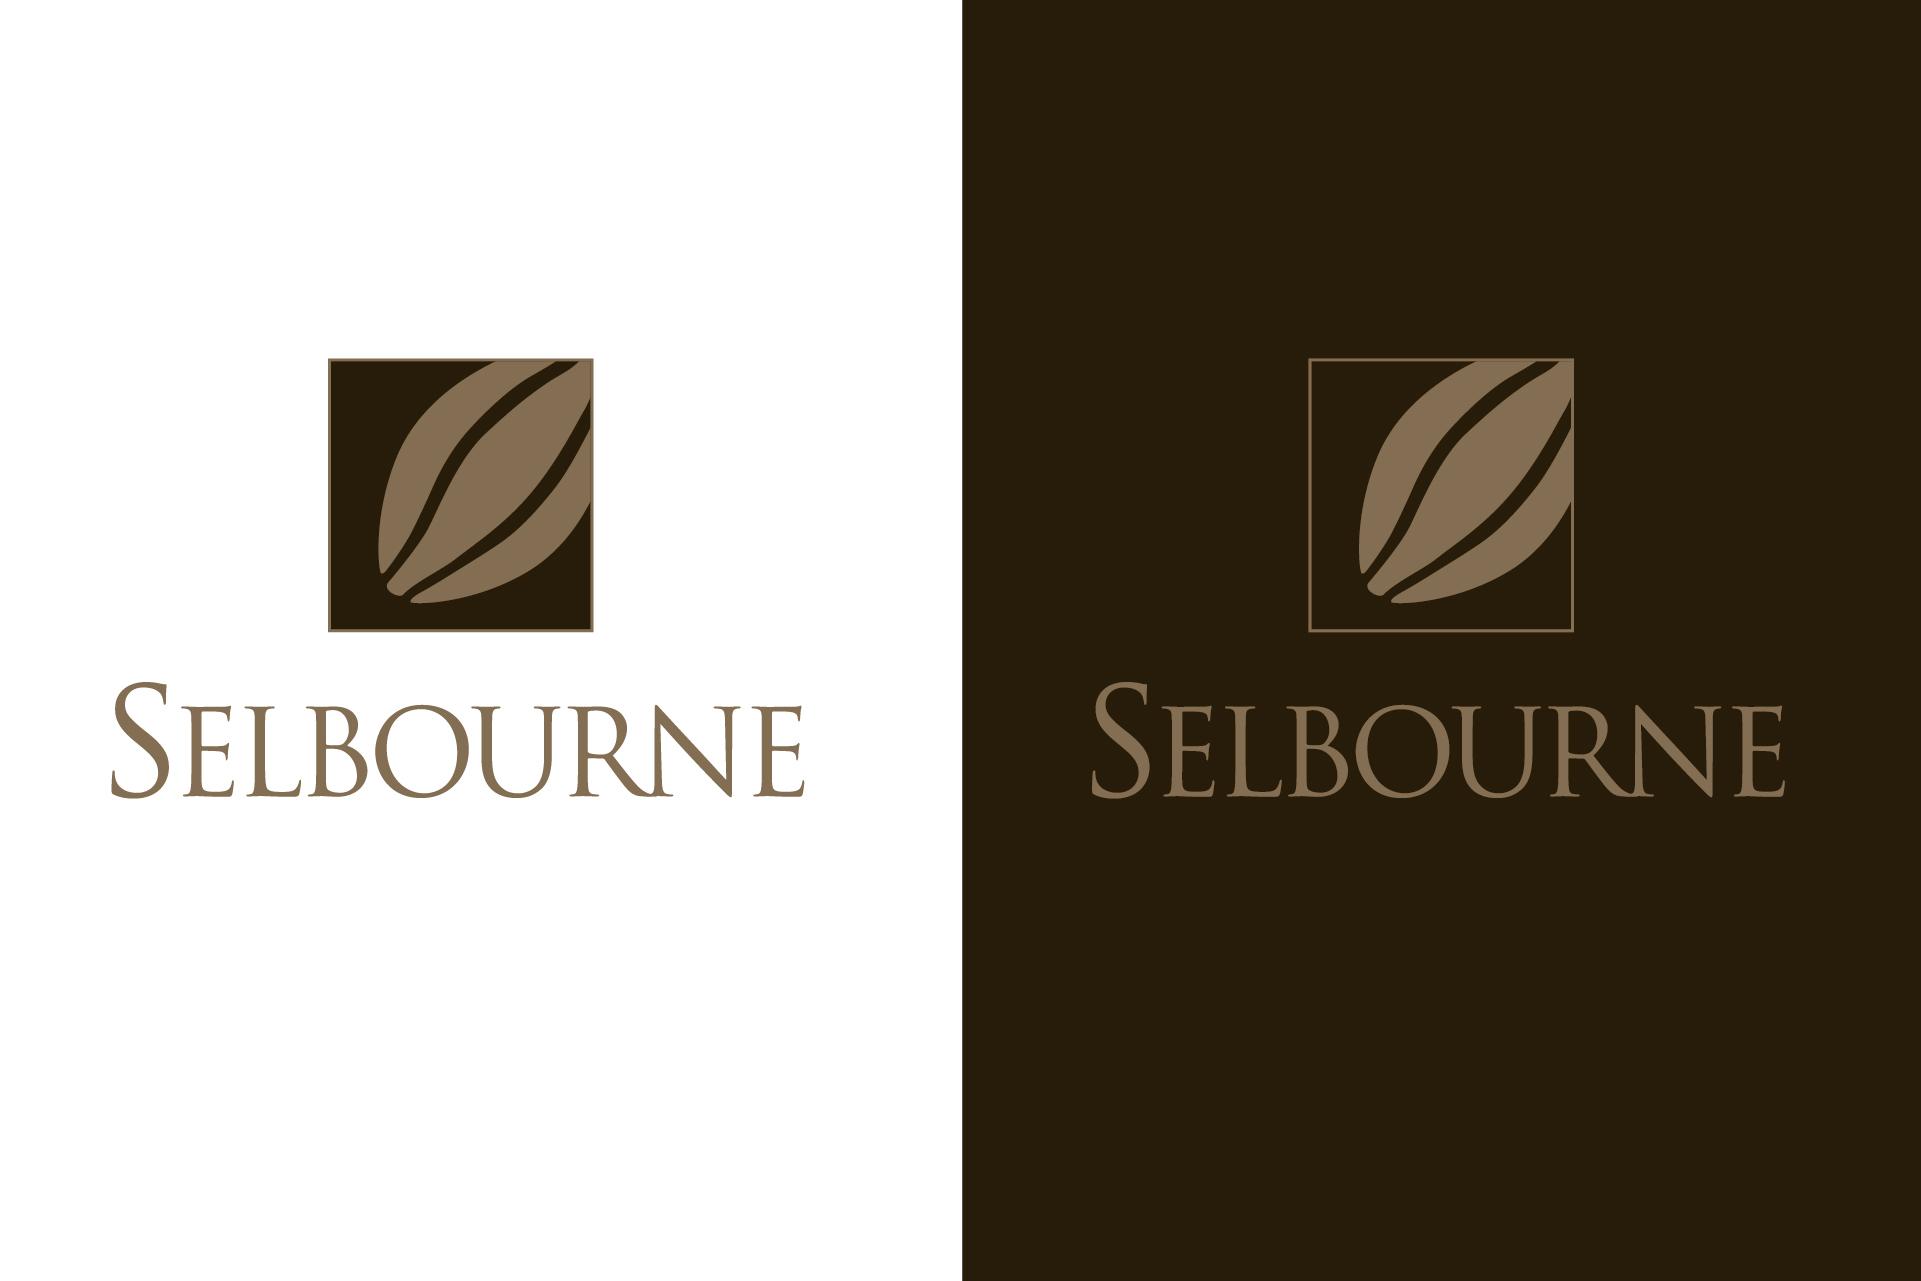 Selbourne_logo_1-01